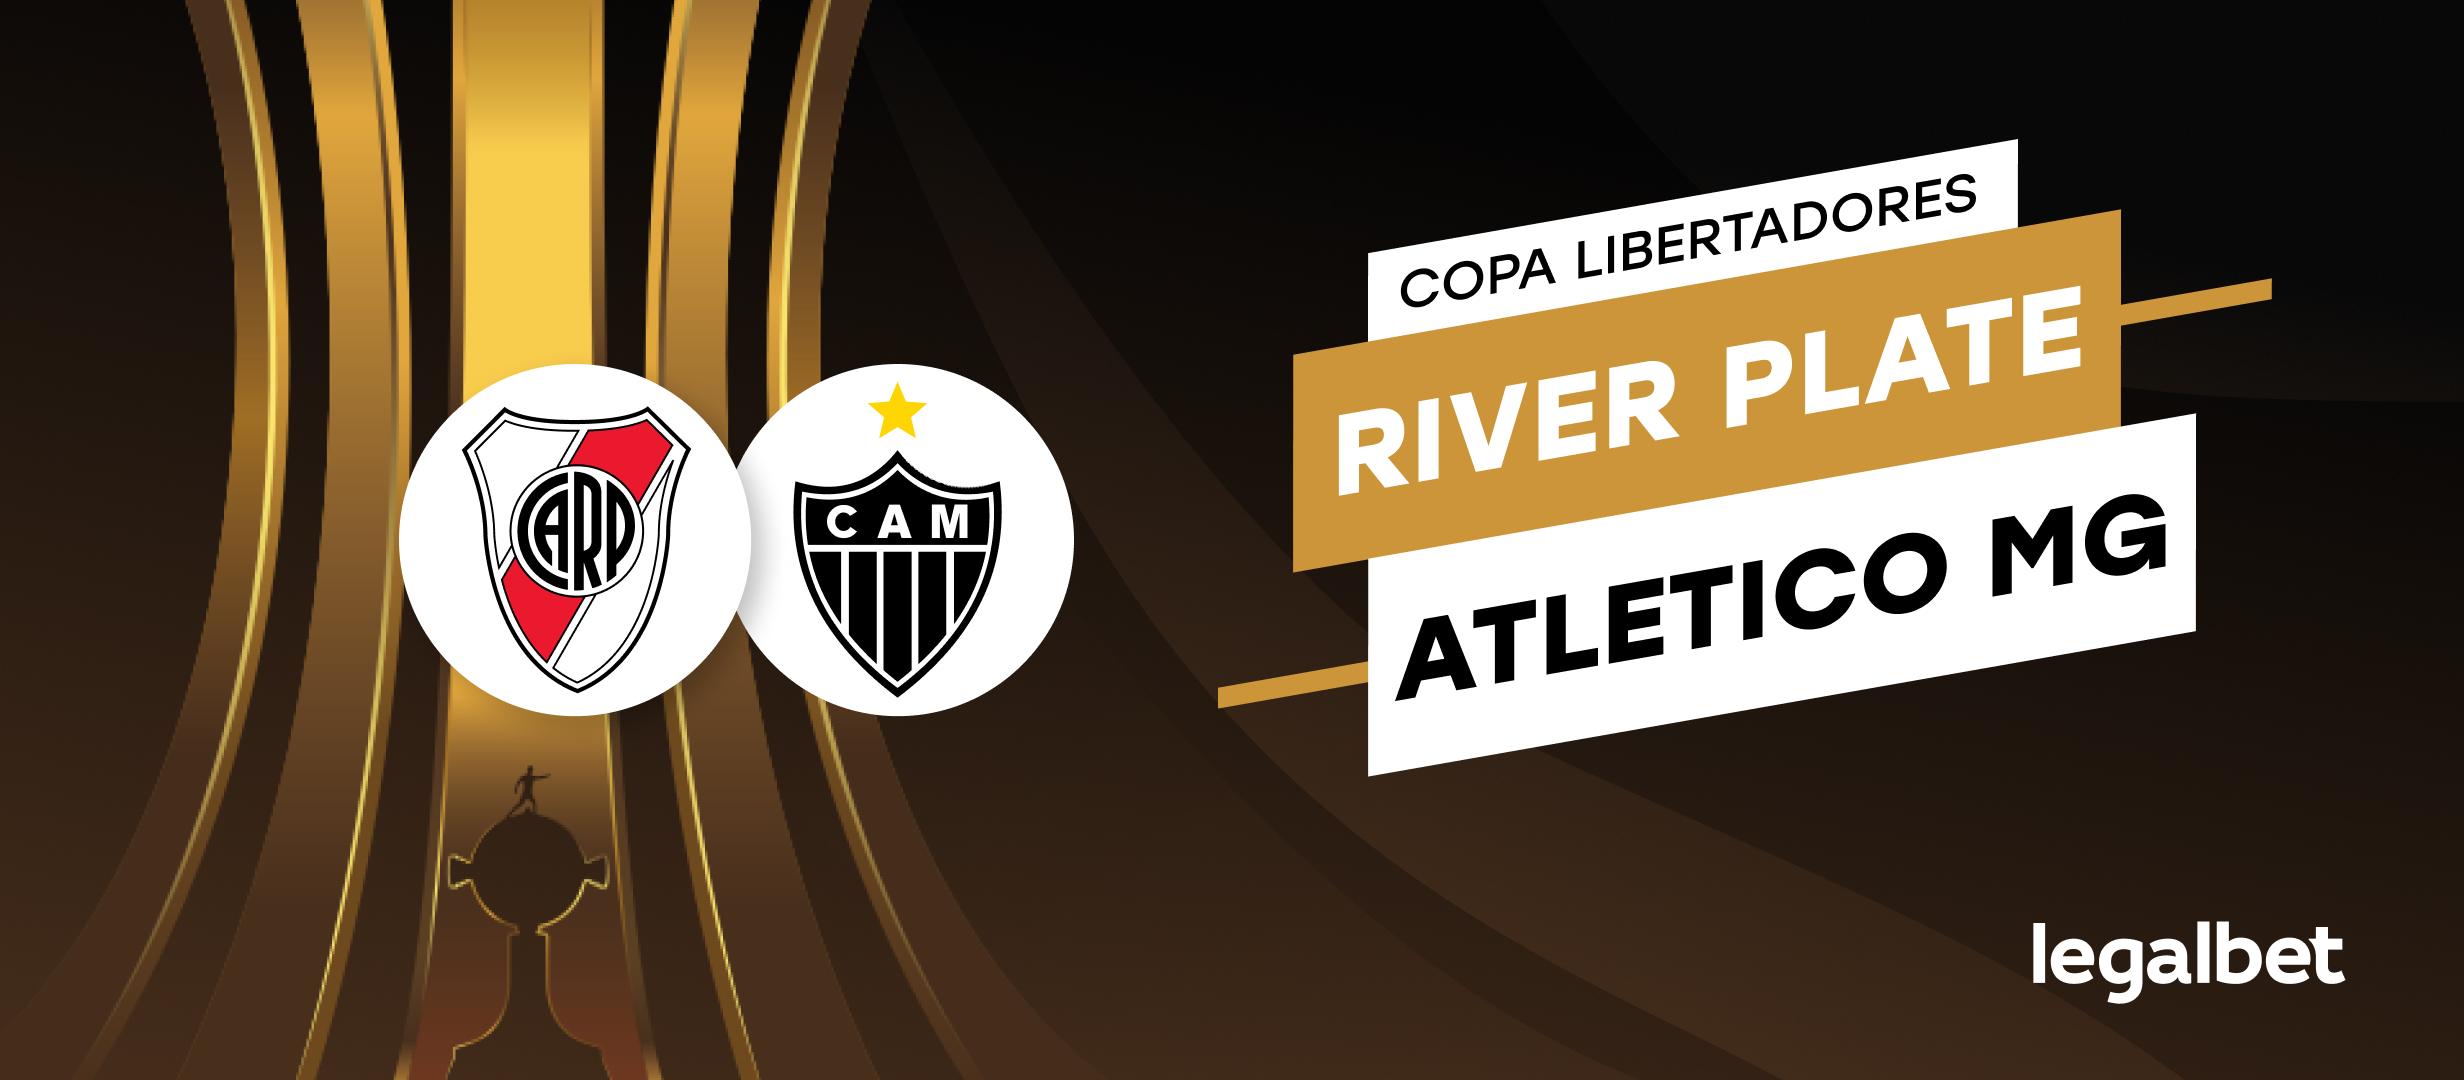 Previa y Analisis River Plate - Atletico MG, Copa Libertadores 2021